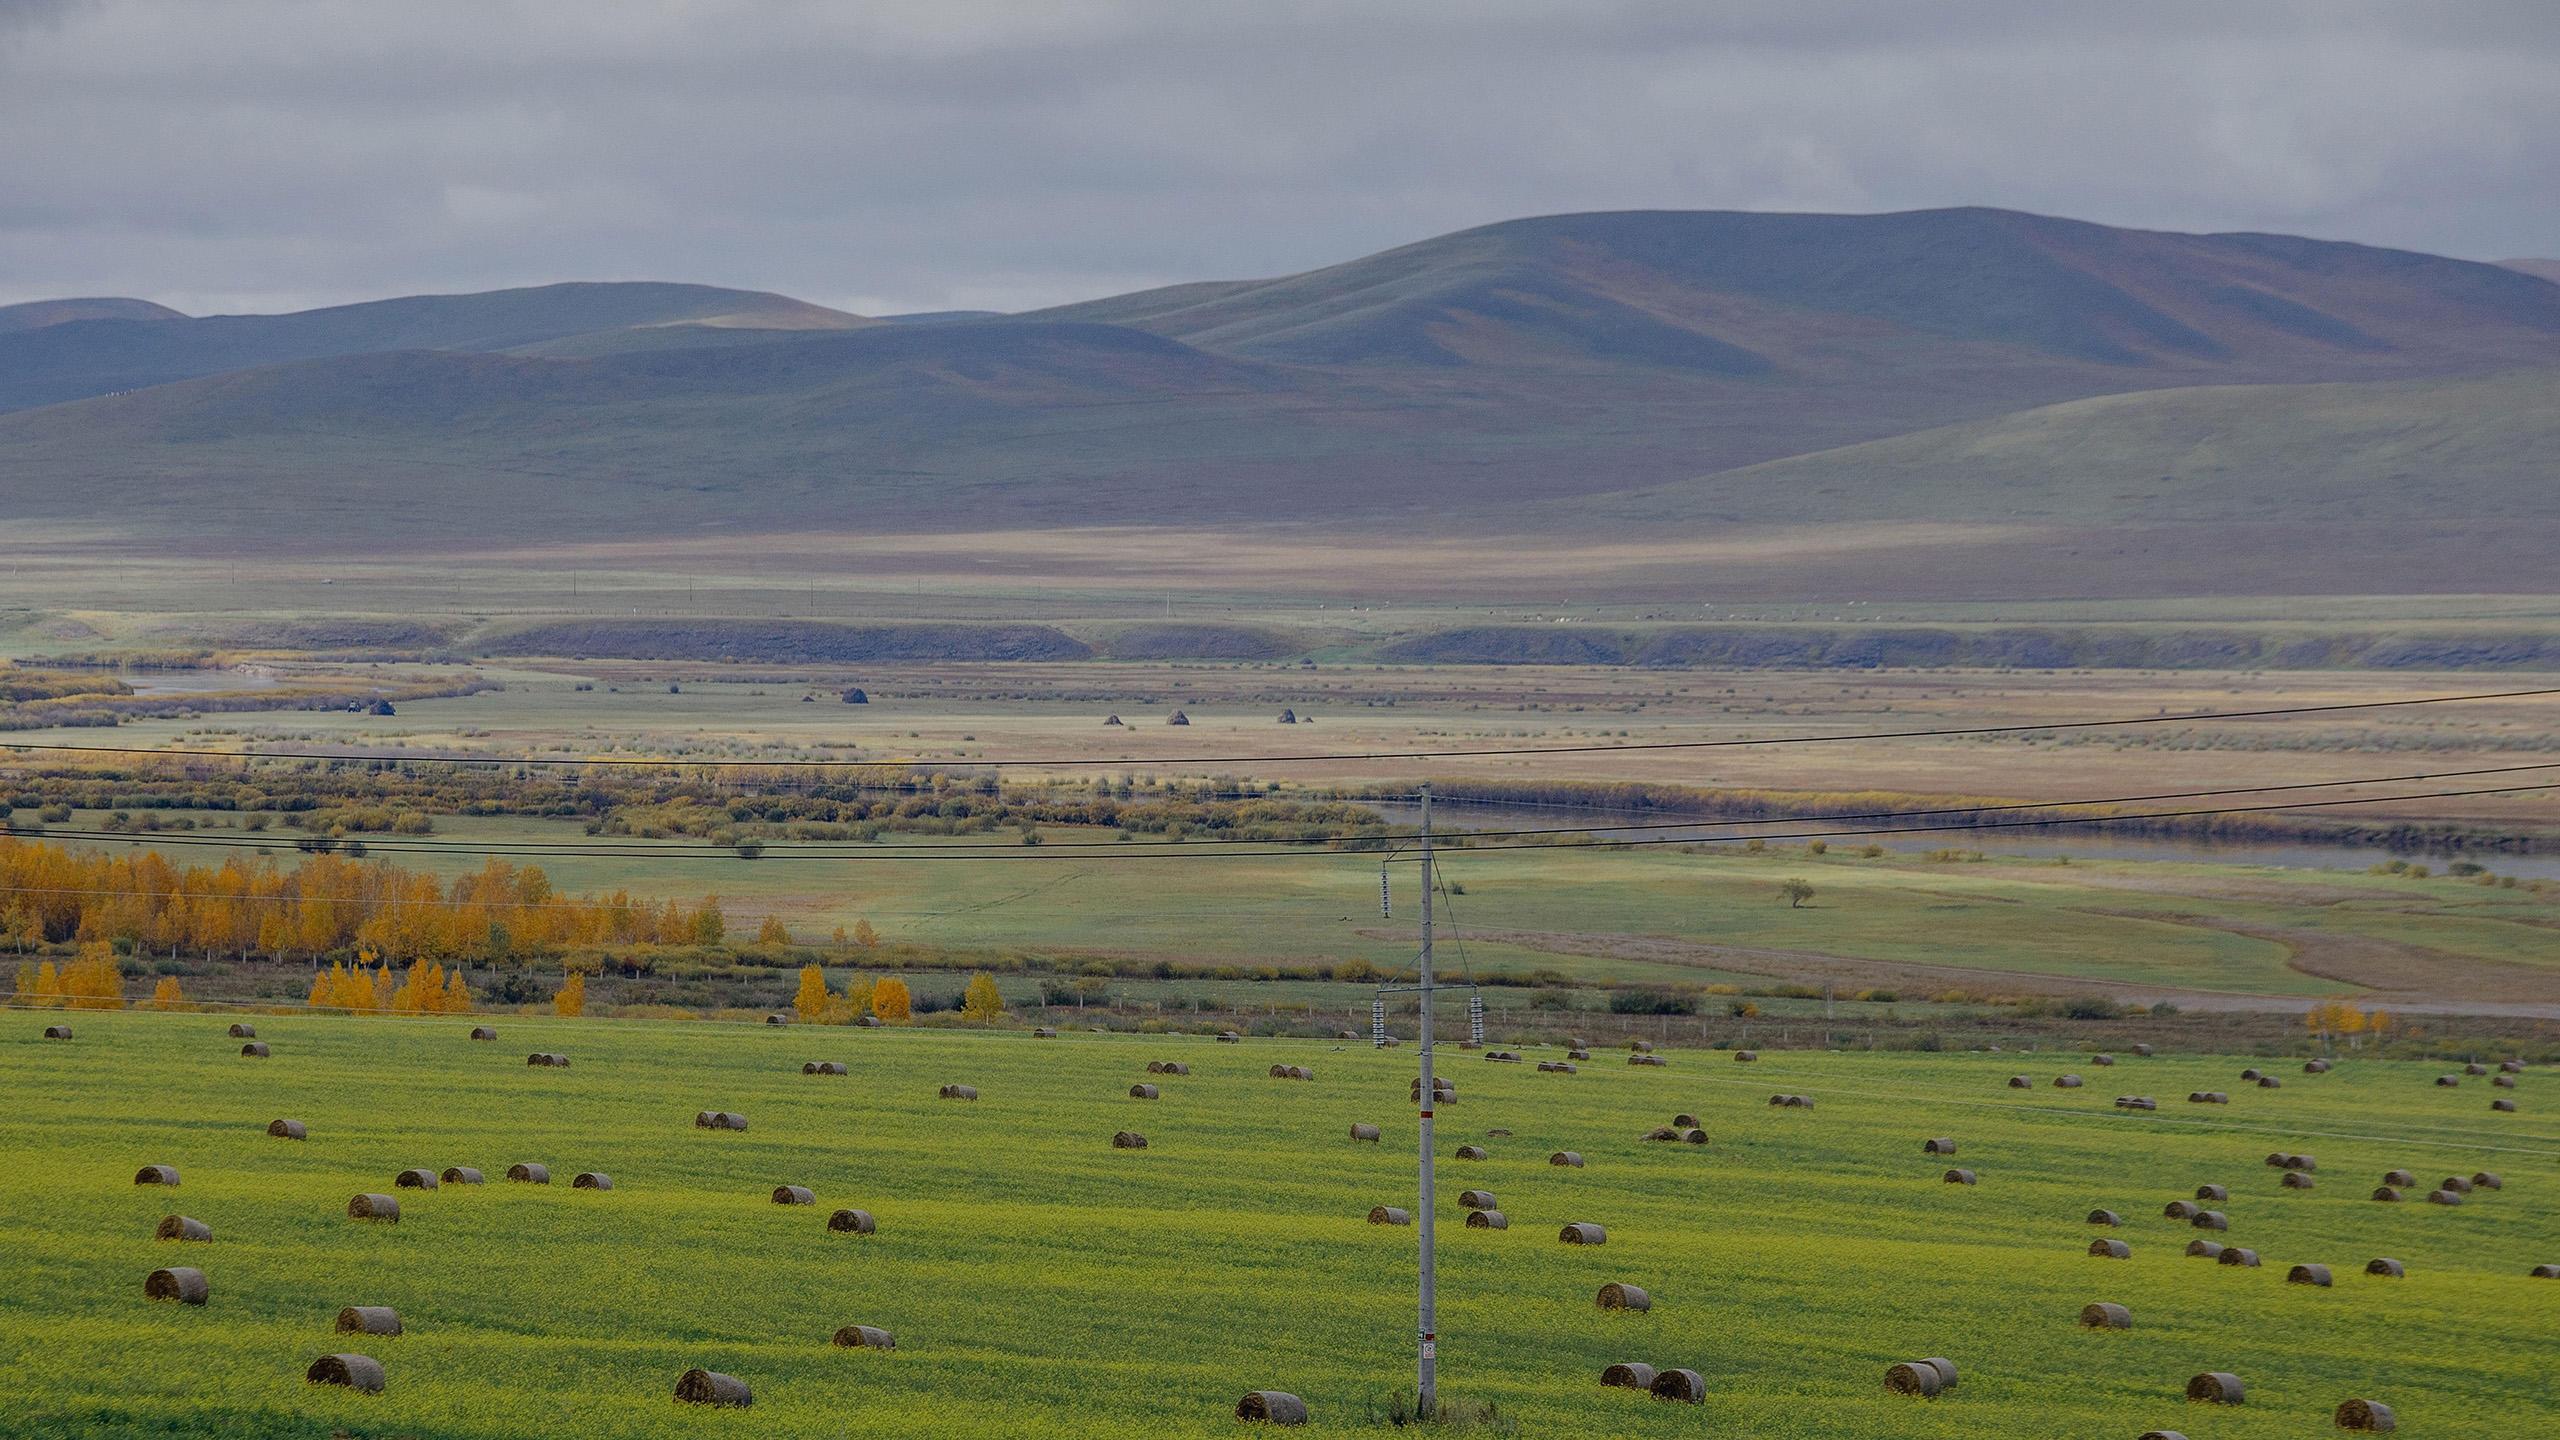 风景大片,自然风光,大草原,呼伦贝尔,草堆